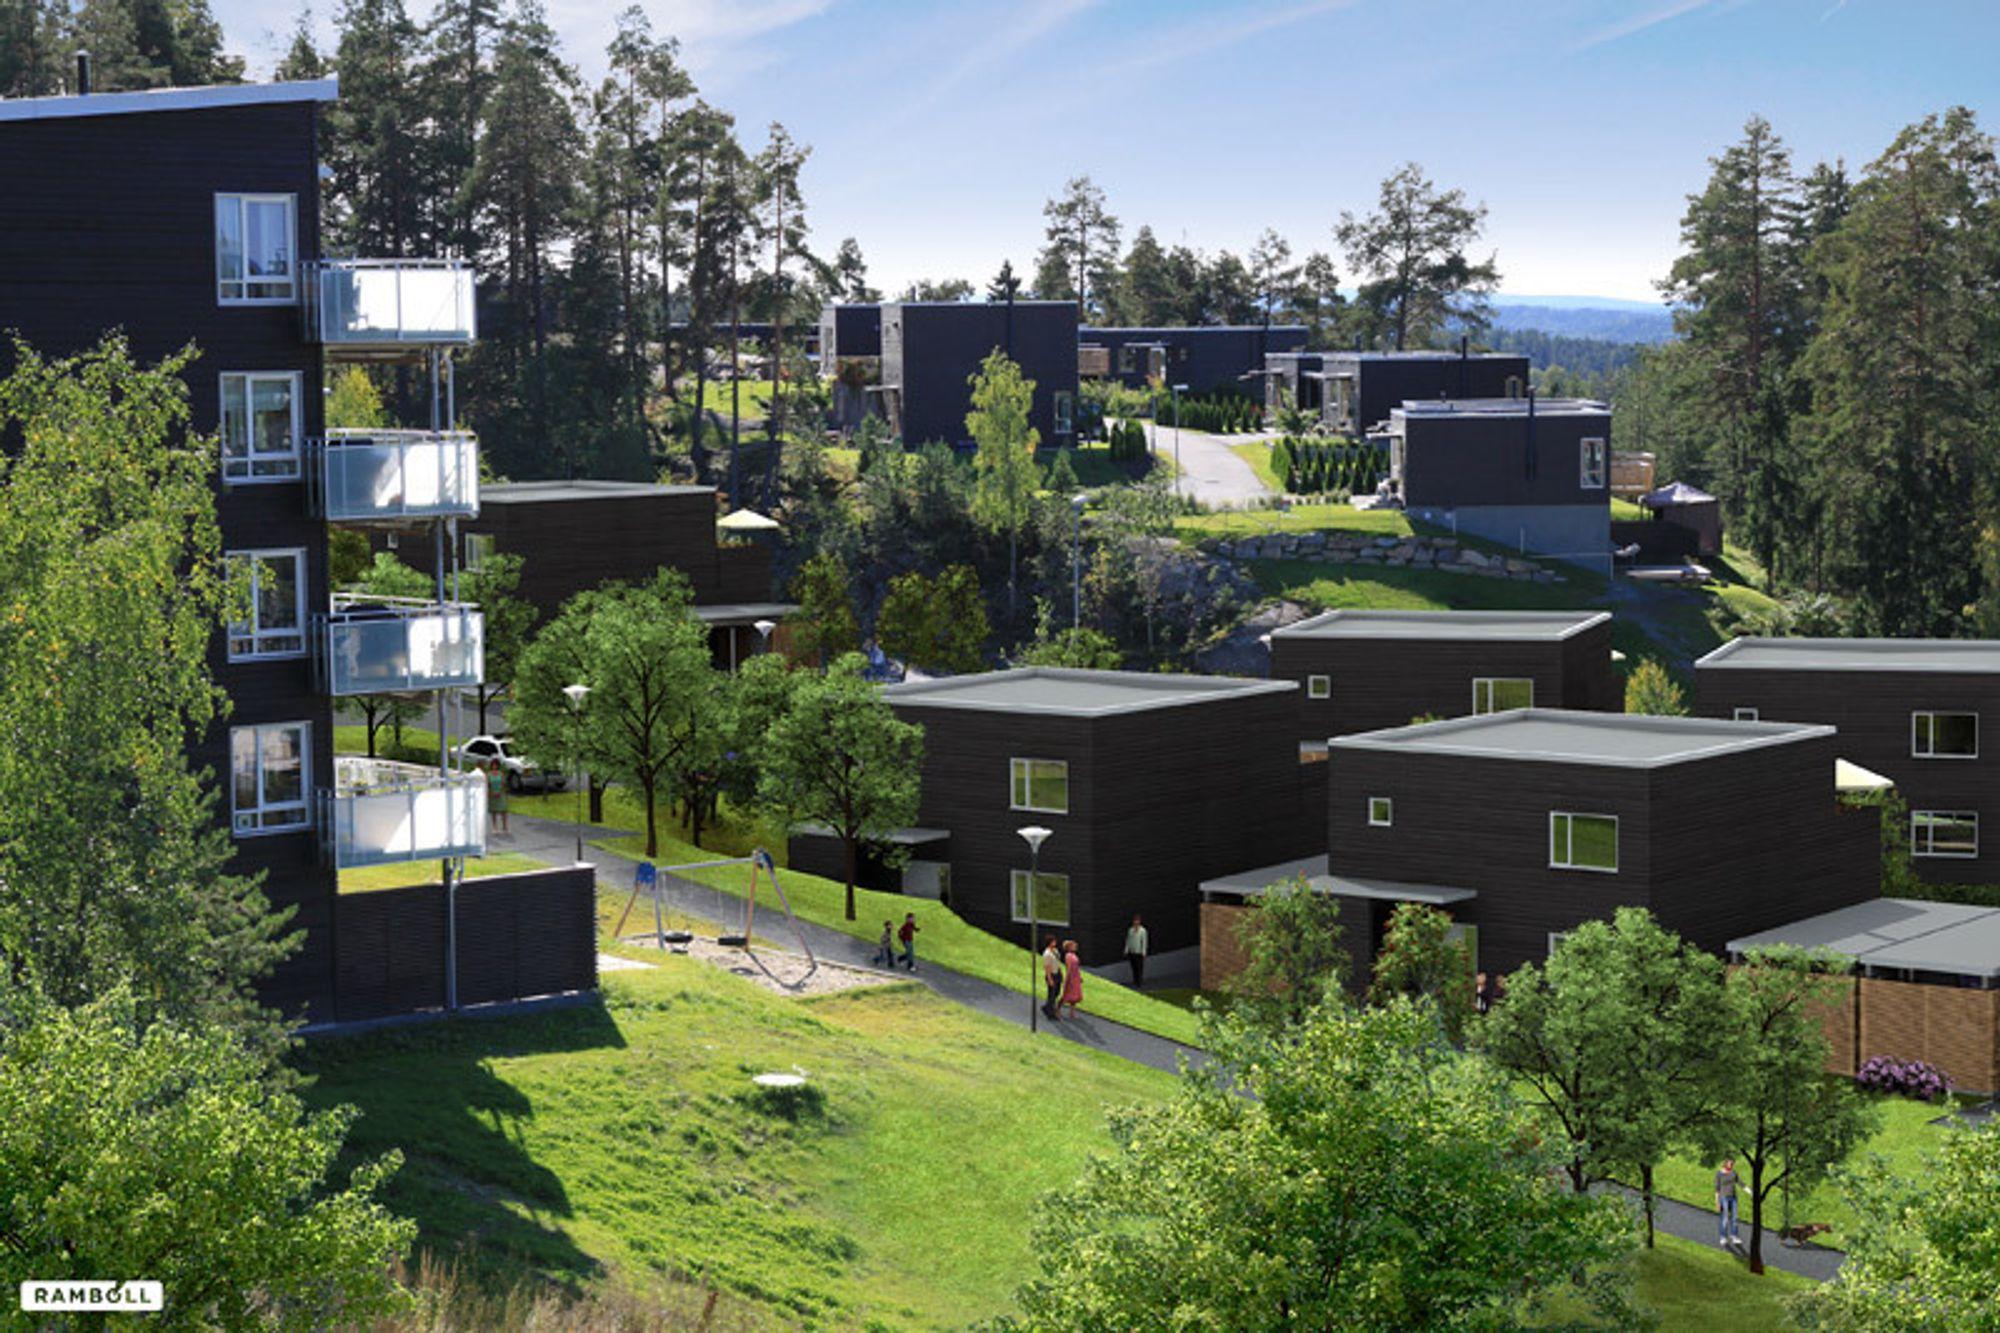 SOLIDARISK: Erling Askautrud, byggmester og daglig leder i Håndverksbygg fører opp disse passivhusene i Oslo. - Jeg må vel være solidarisk, sier han om BNLs meninger.